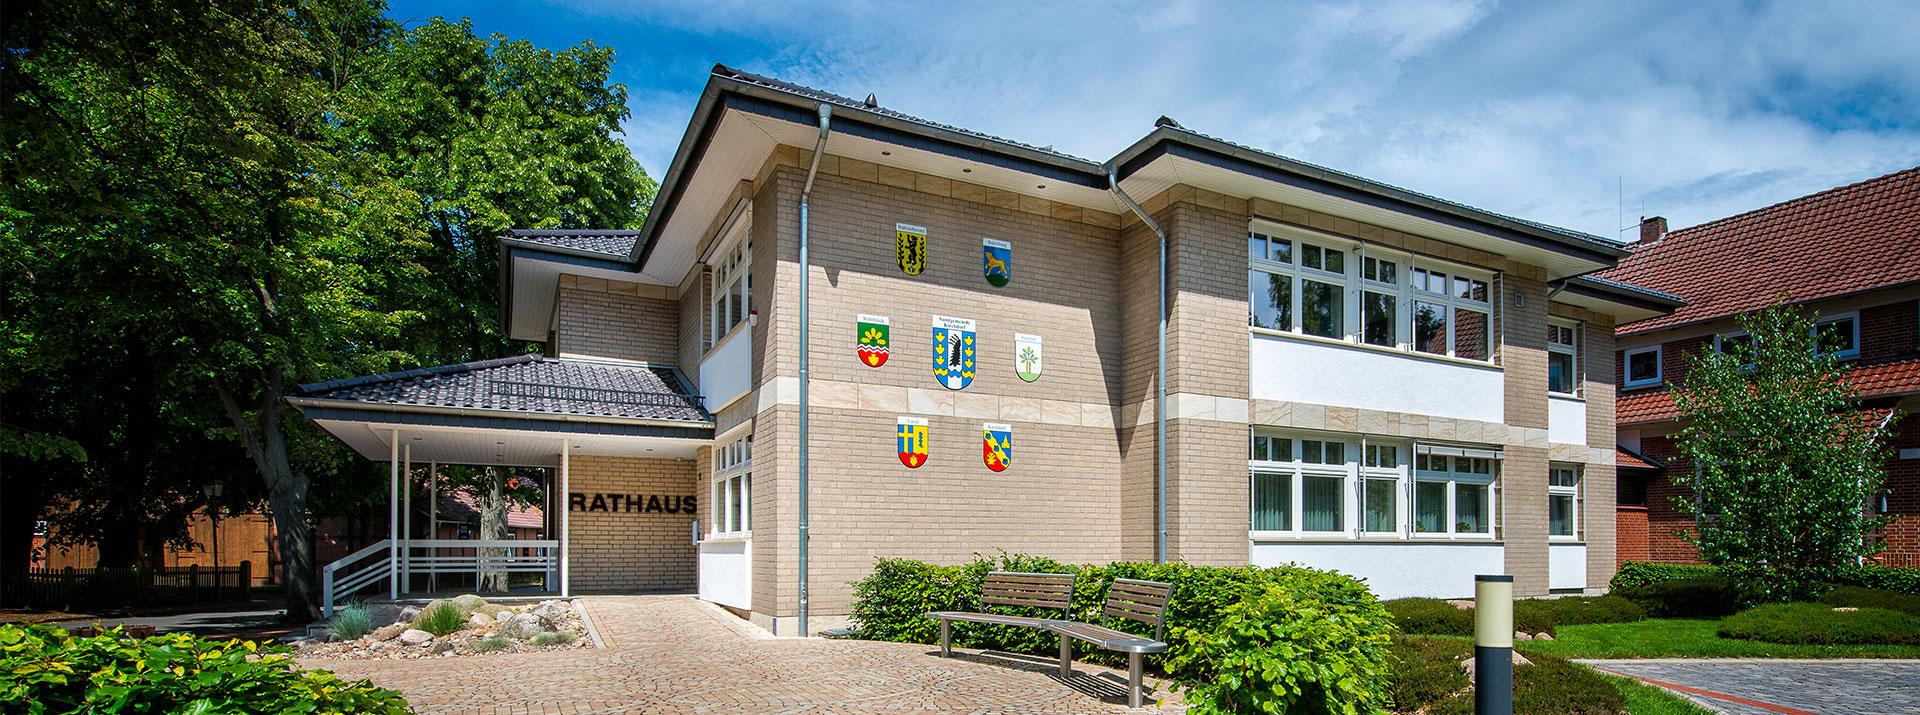 Rathaus der Samtgemeinde Kirchdorf